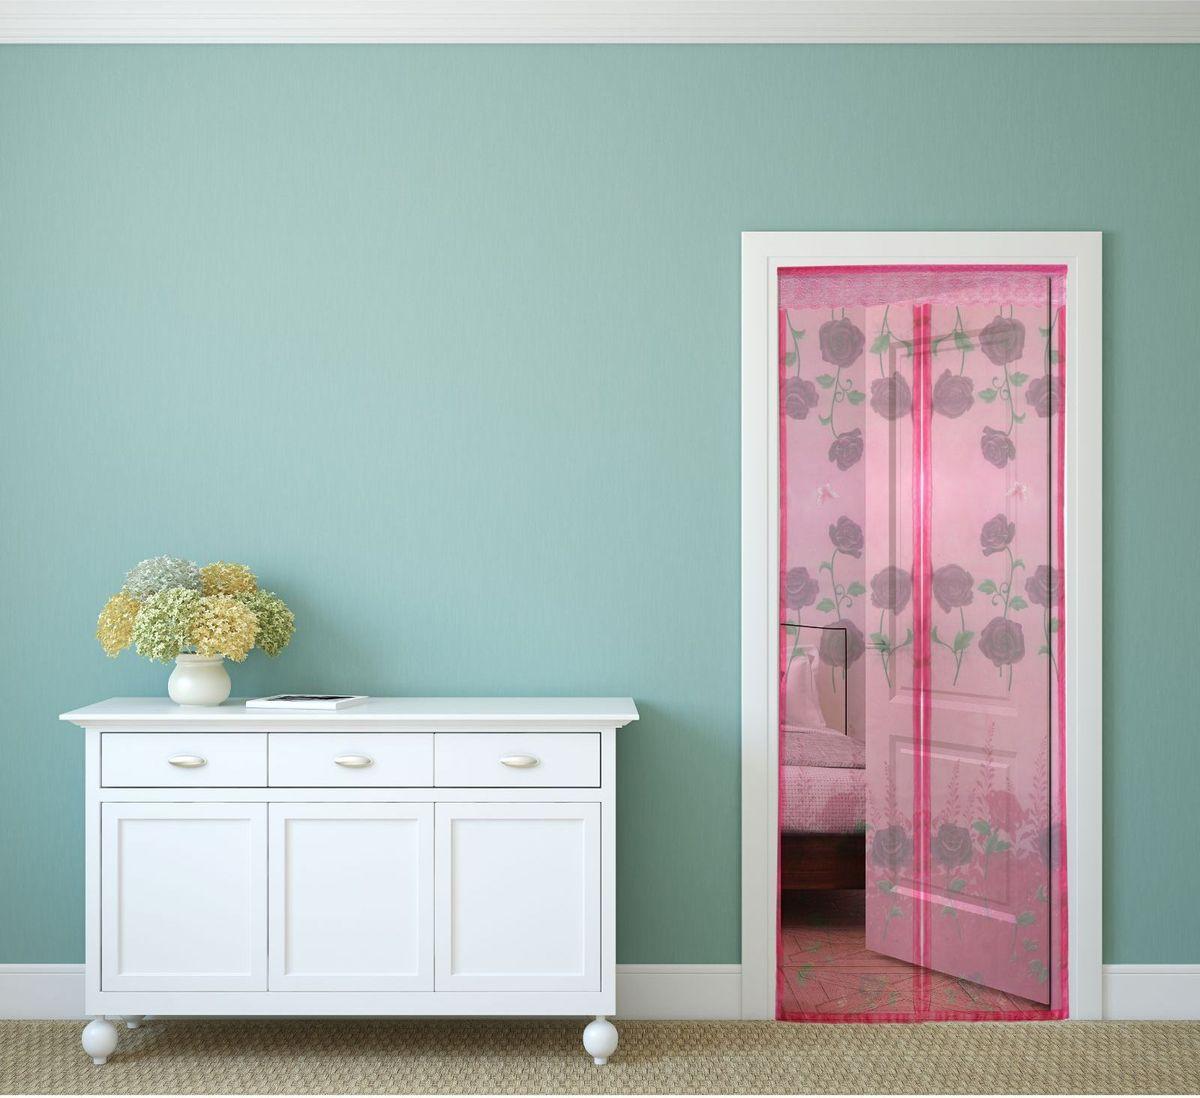 Сетка антимоскитная Noname Цветы, на магнитной ленте, цвет: розовый, 80 х 210 смAS 25Занавес от насекомых Noname Цветы выполнен на магнитной ленте и универсален в использовании. Необходимо просто подвесить его при входе в садовый дом или балкон, чтобы предотвратить попадание комаров внутрь жилища. Чтобы зафиксировать занавес в дверном проеме, достаточно закрепить занавеску по периметру двери с помощью кнопок, идущих в комплекте. Принцип действия занавеса: каждый раз, когда вы будете проходить сквозь шторы, они автоматически захлопнутся за вами благодаря магнитам, расположенным по всей его длине.